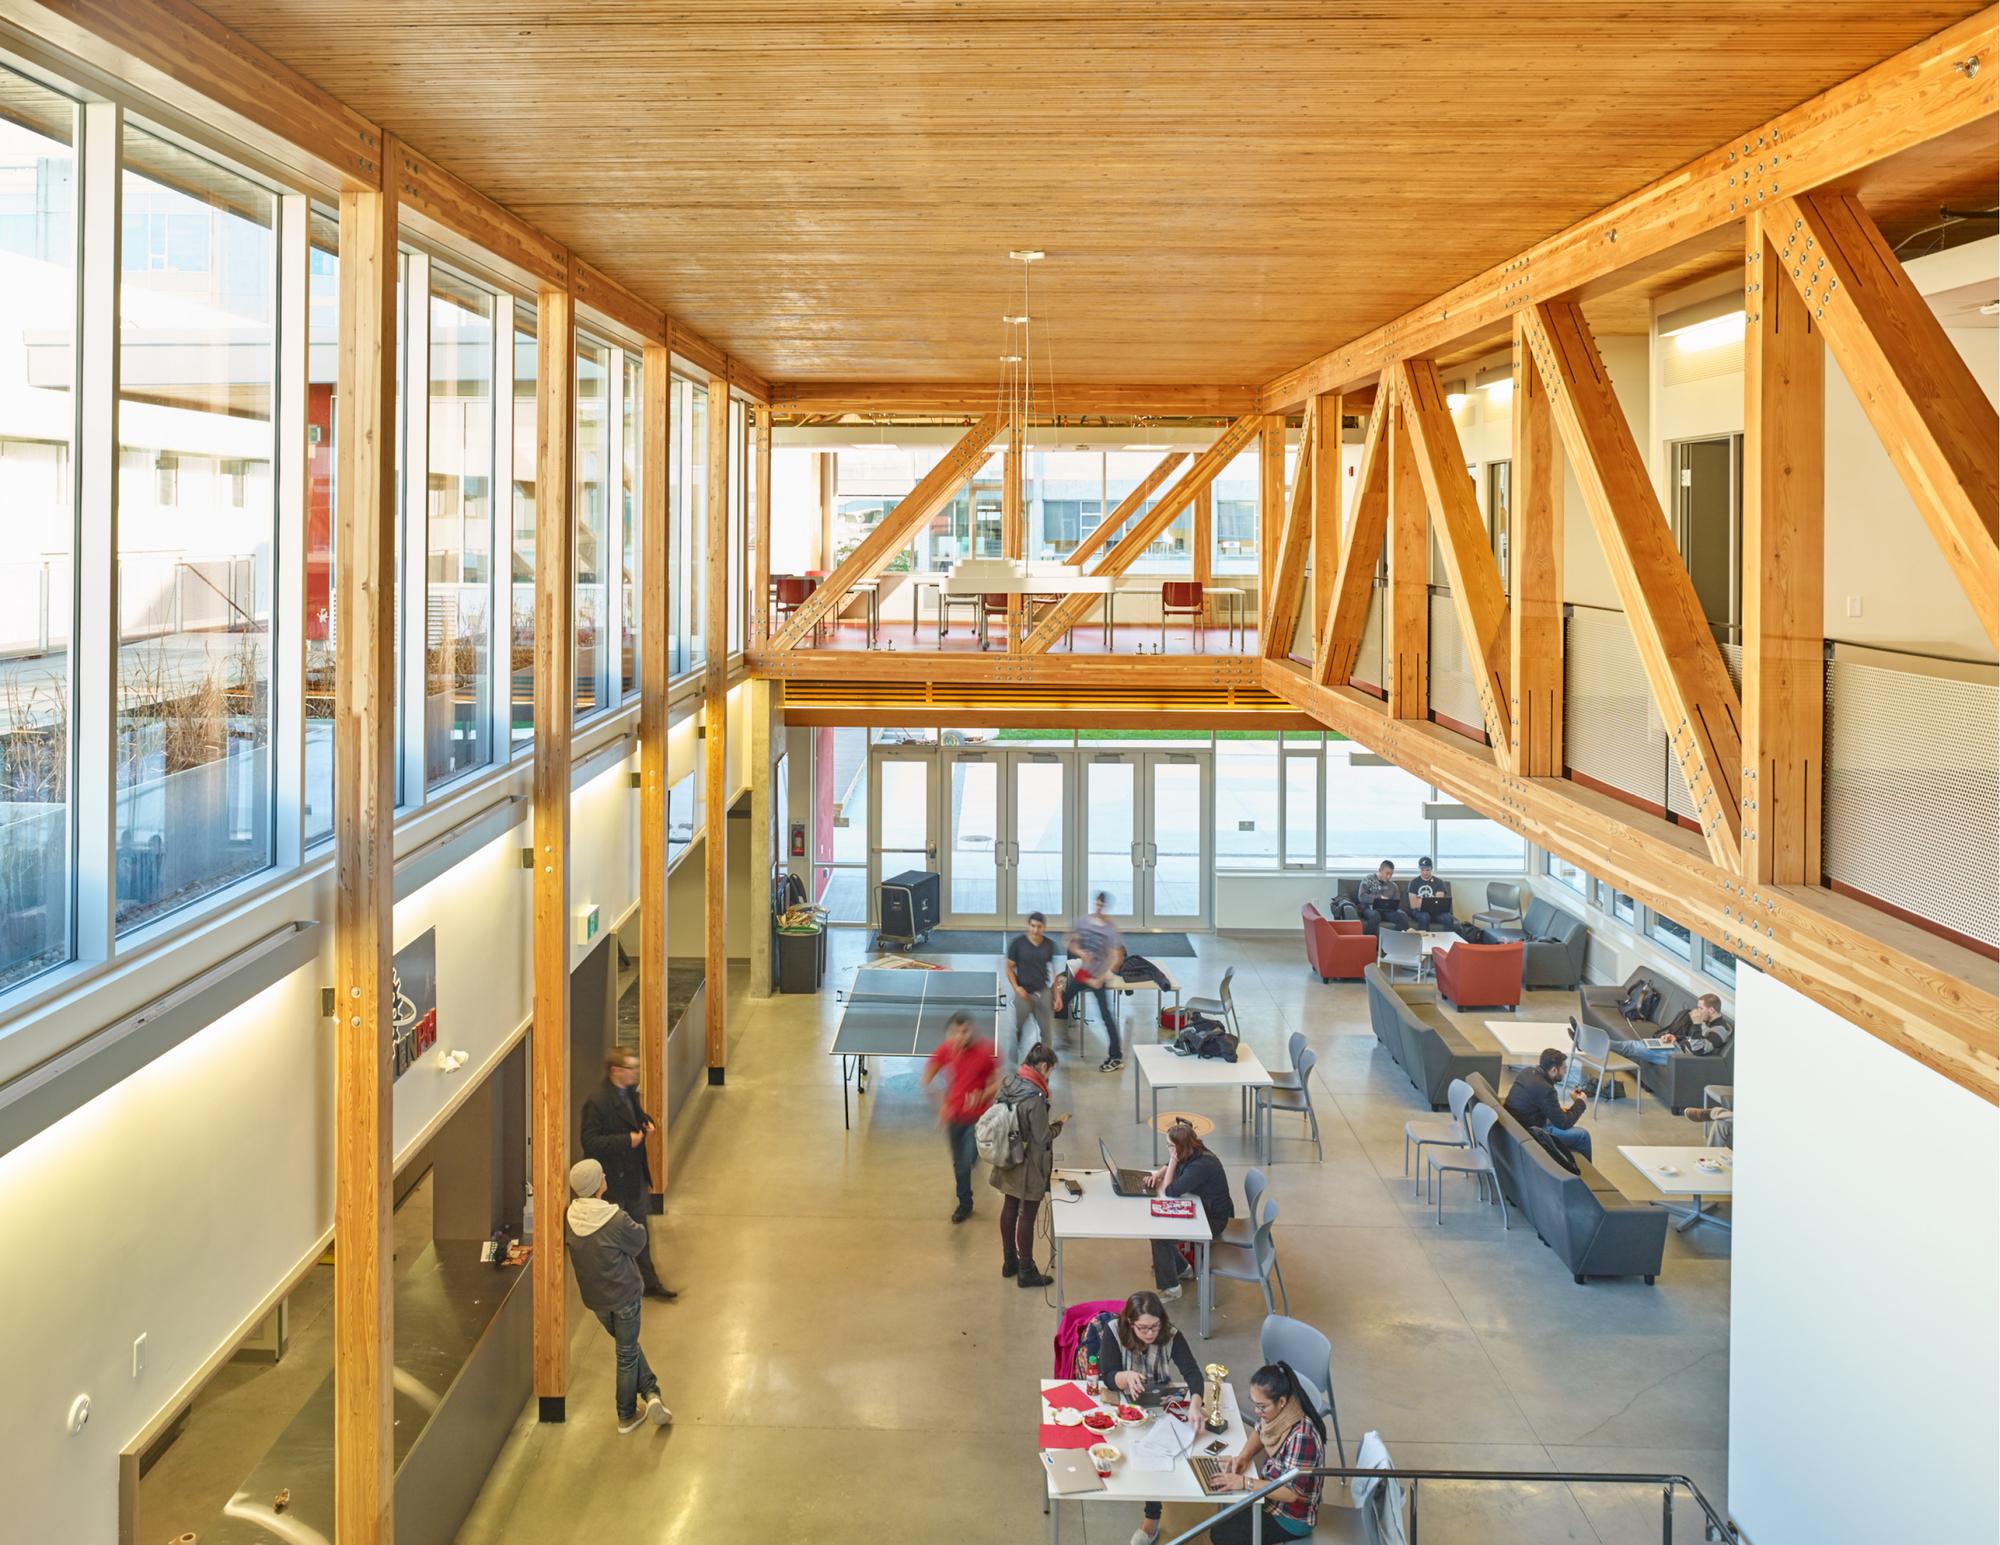 Engineering University of British Columbia